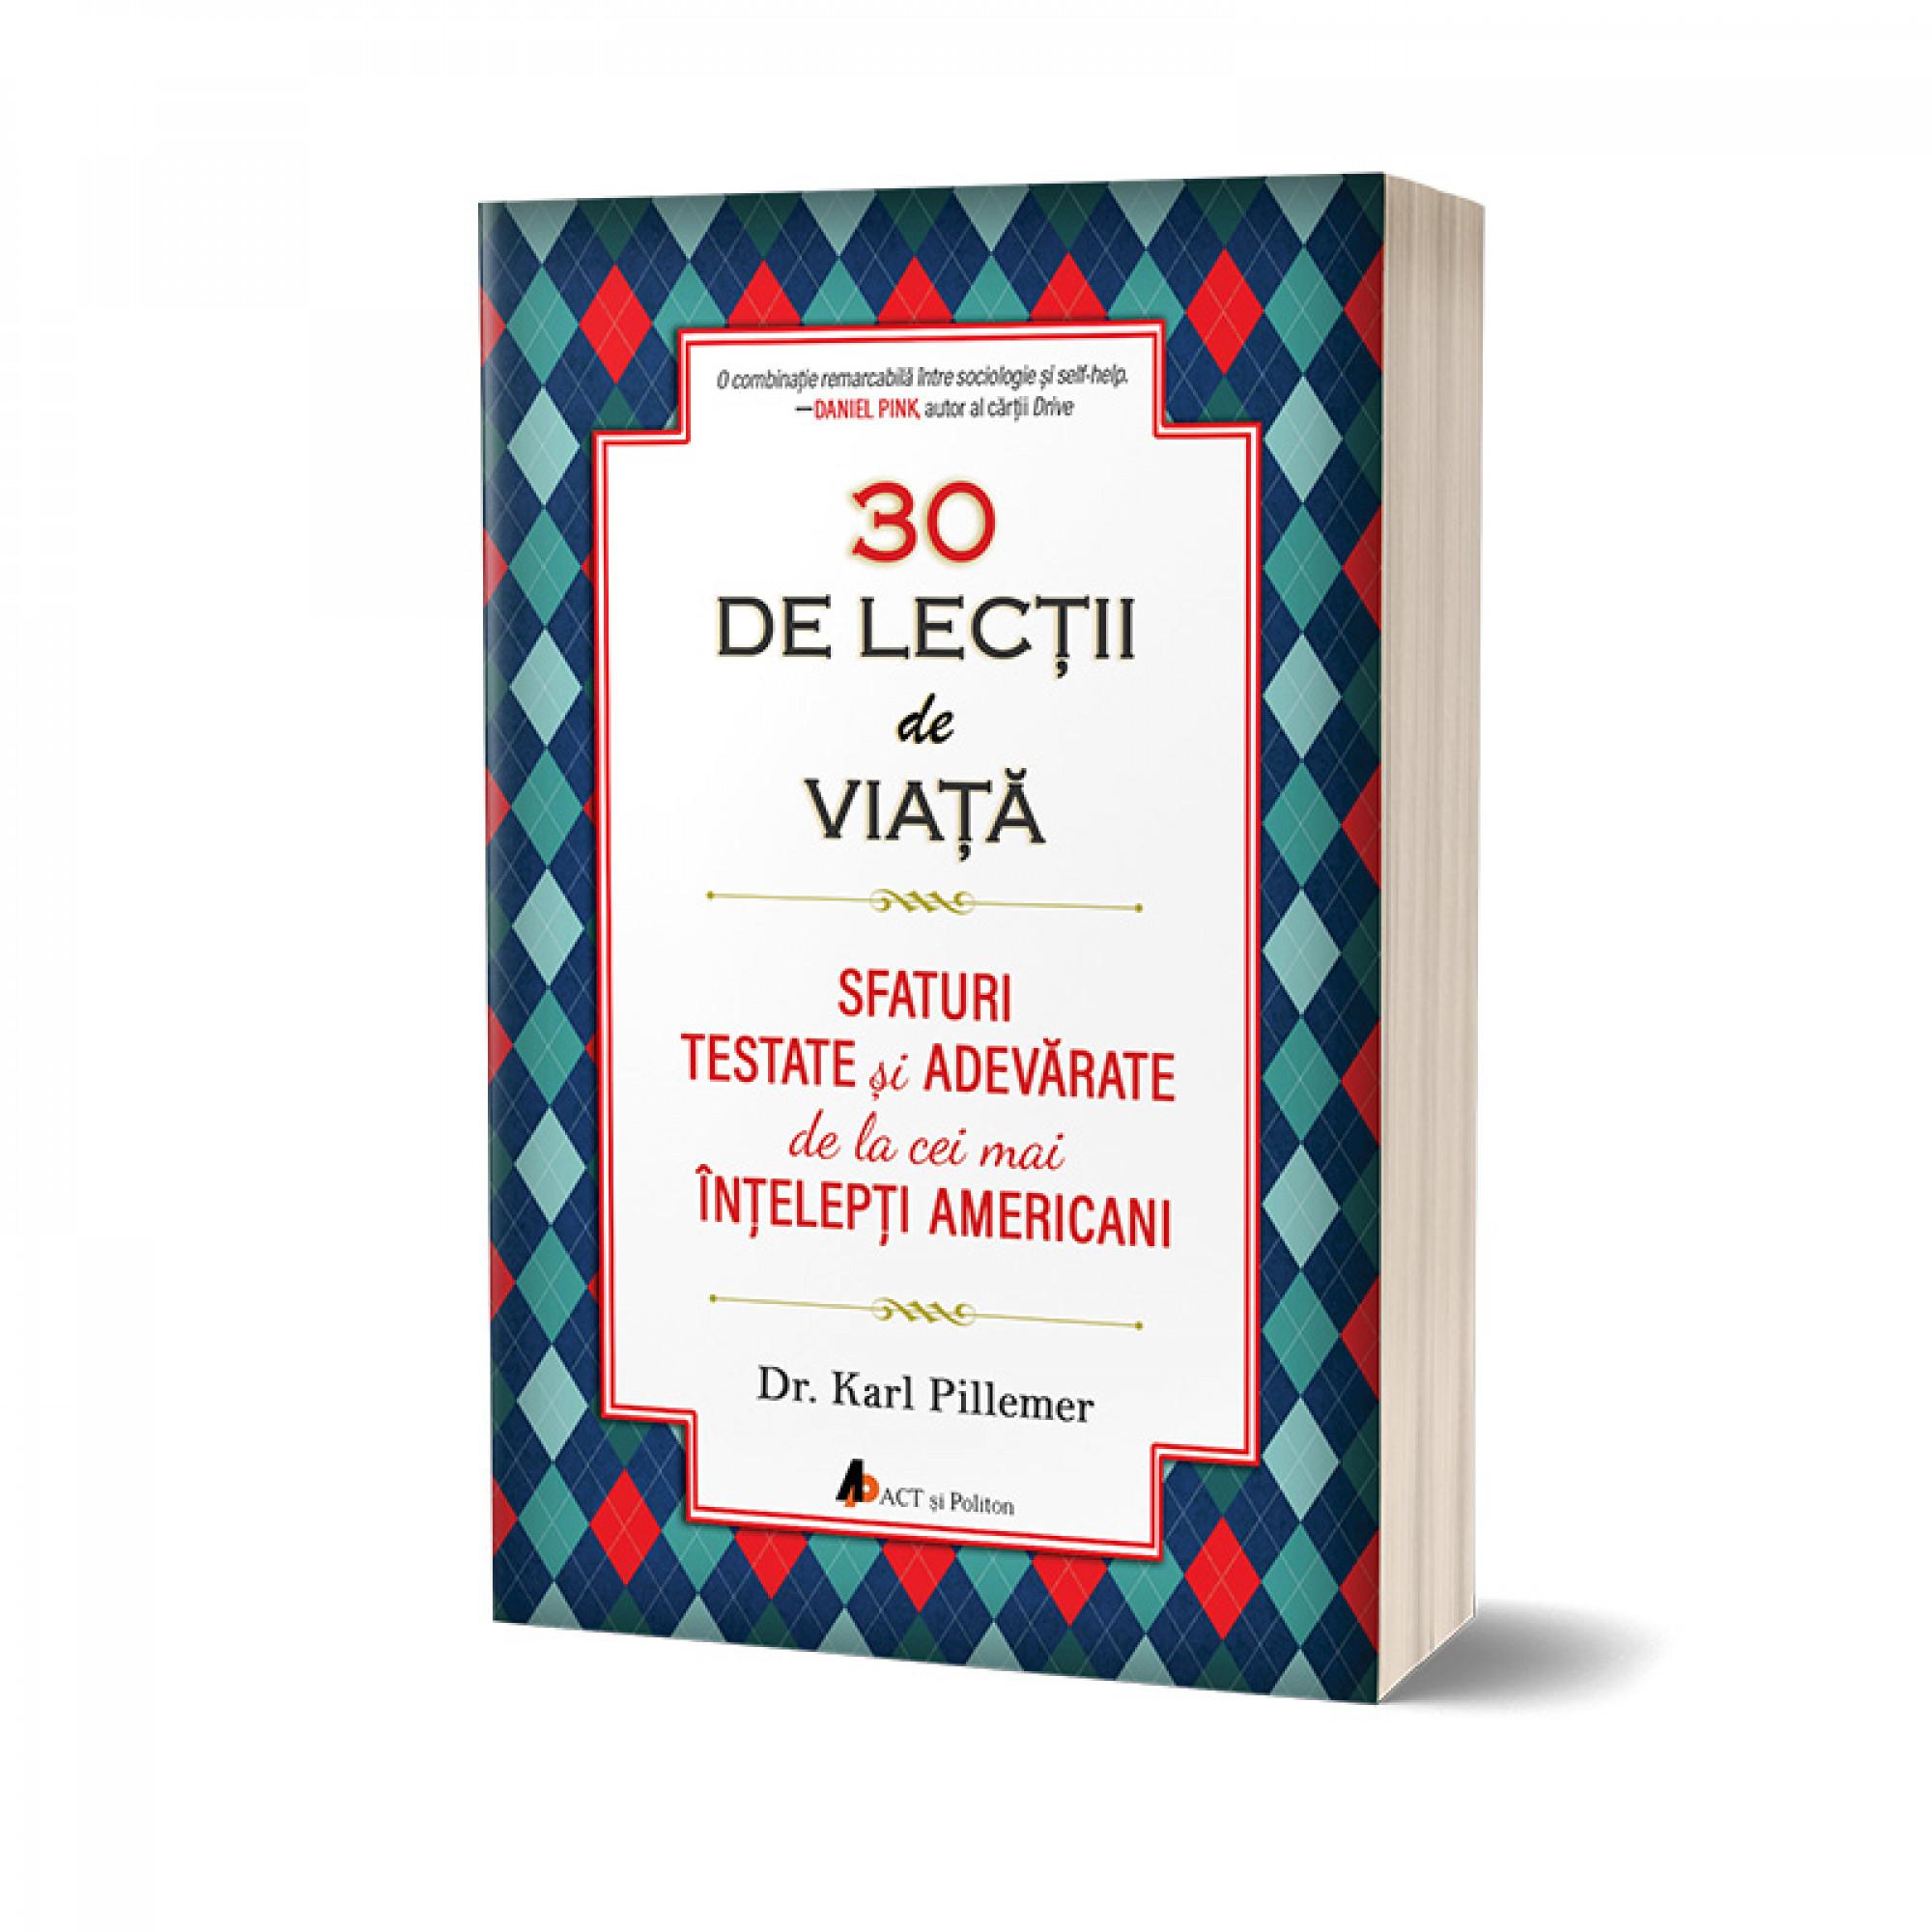 30 de lecții de viață